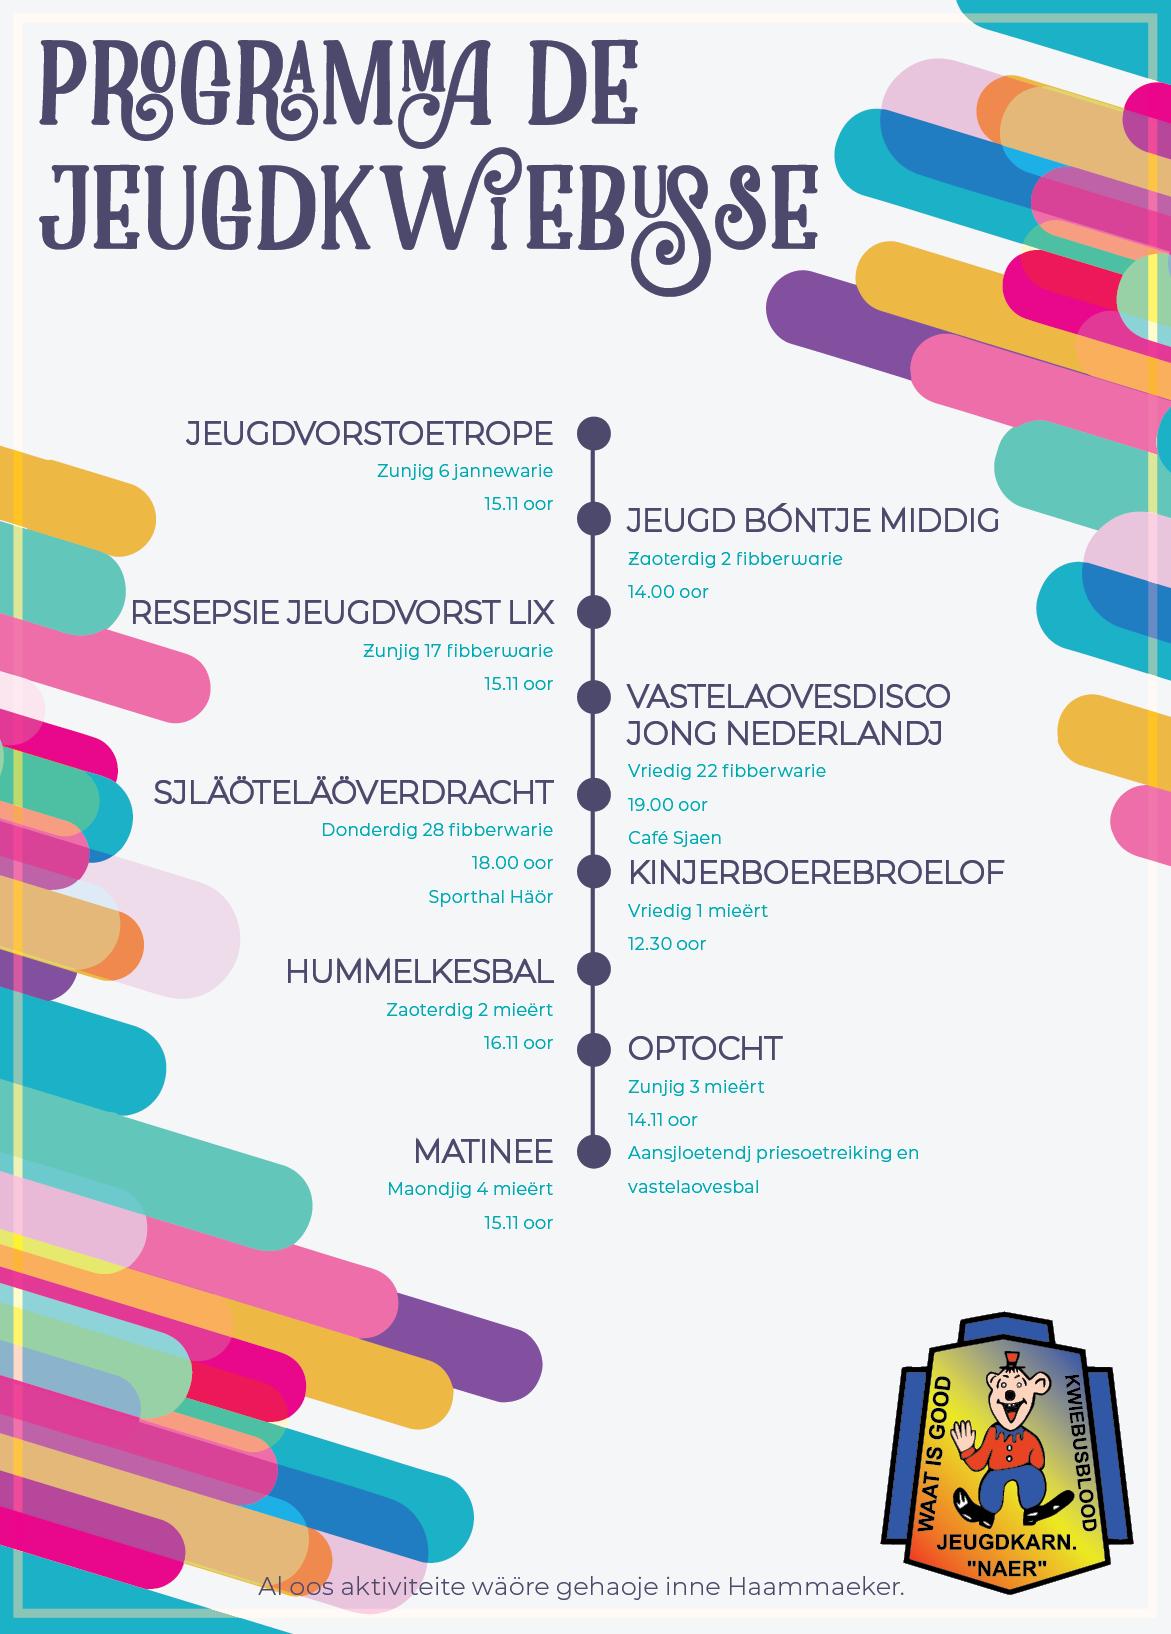 Programma Jeugdkwiebusse Naer - Sezoen 2019